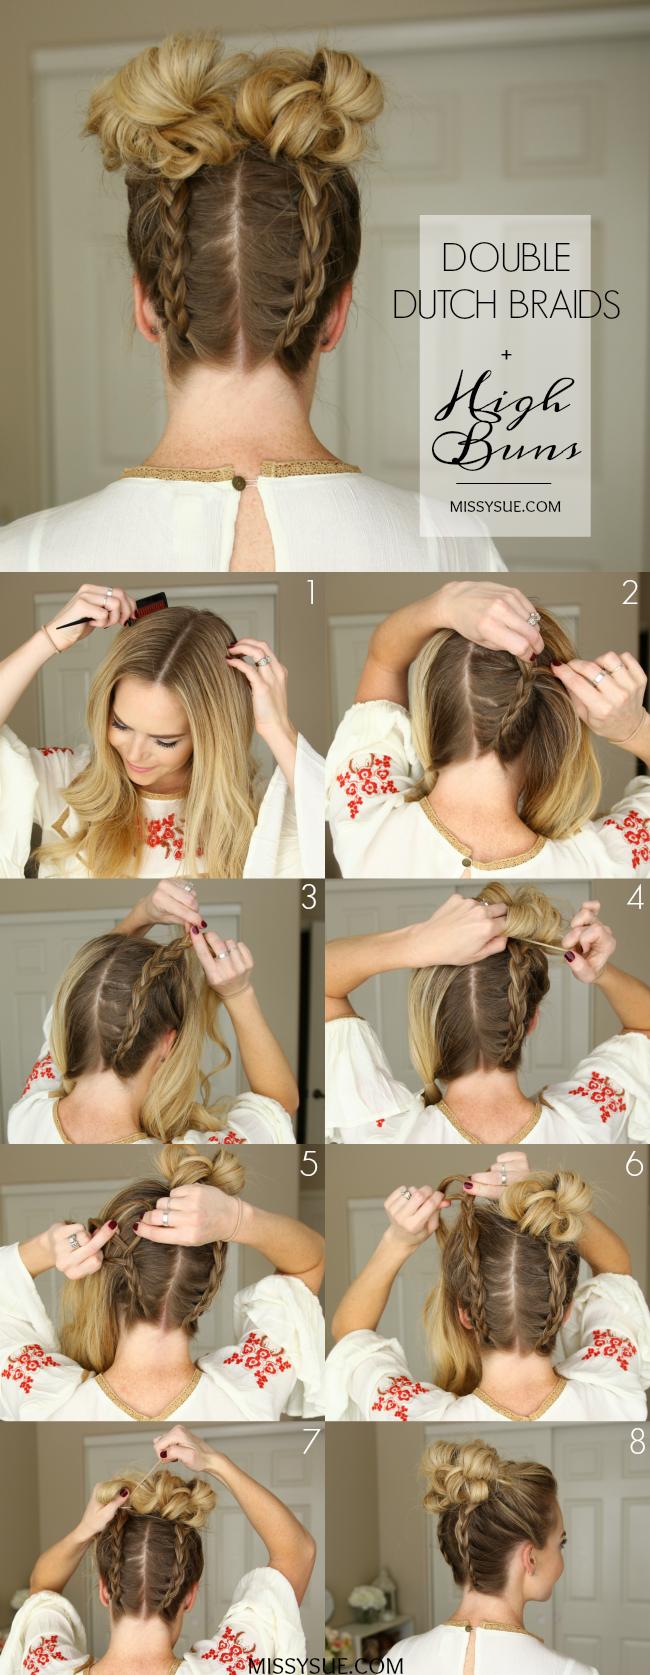 Double Dutch Braids High Buns Missy Sue Hair Styles Hair Bun Tutorial Curly Girl Hairstyles